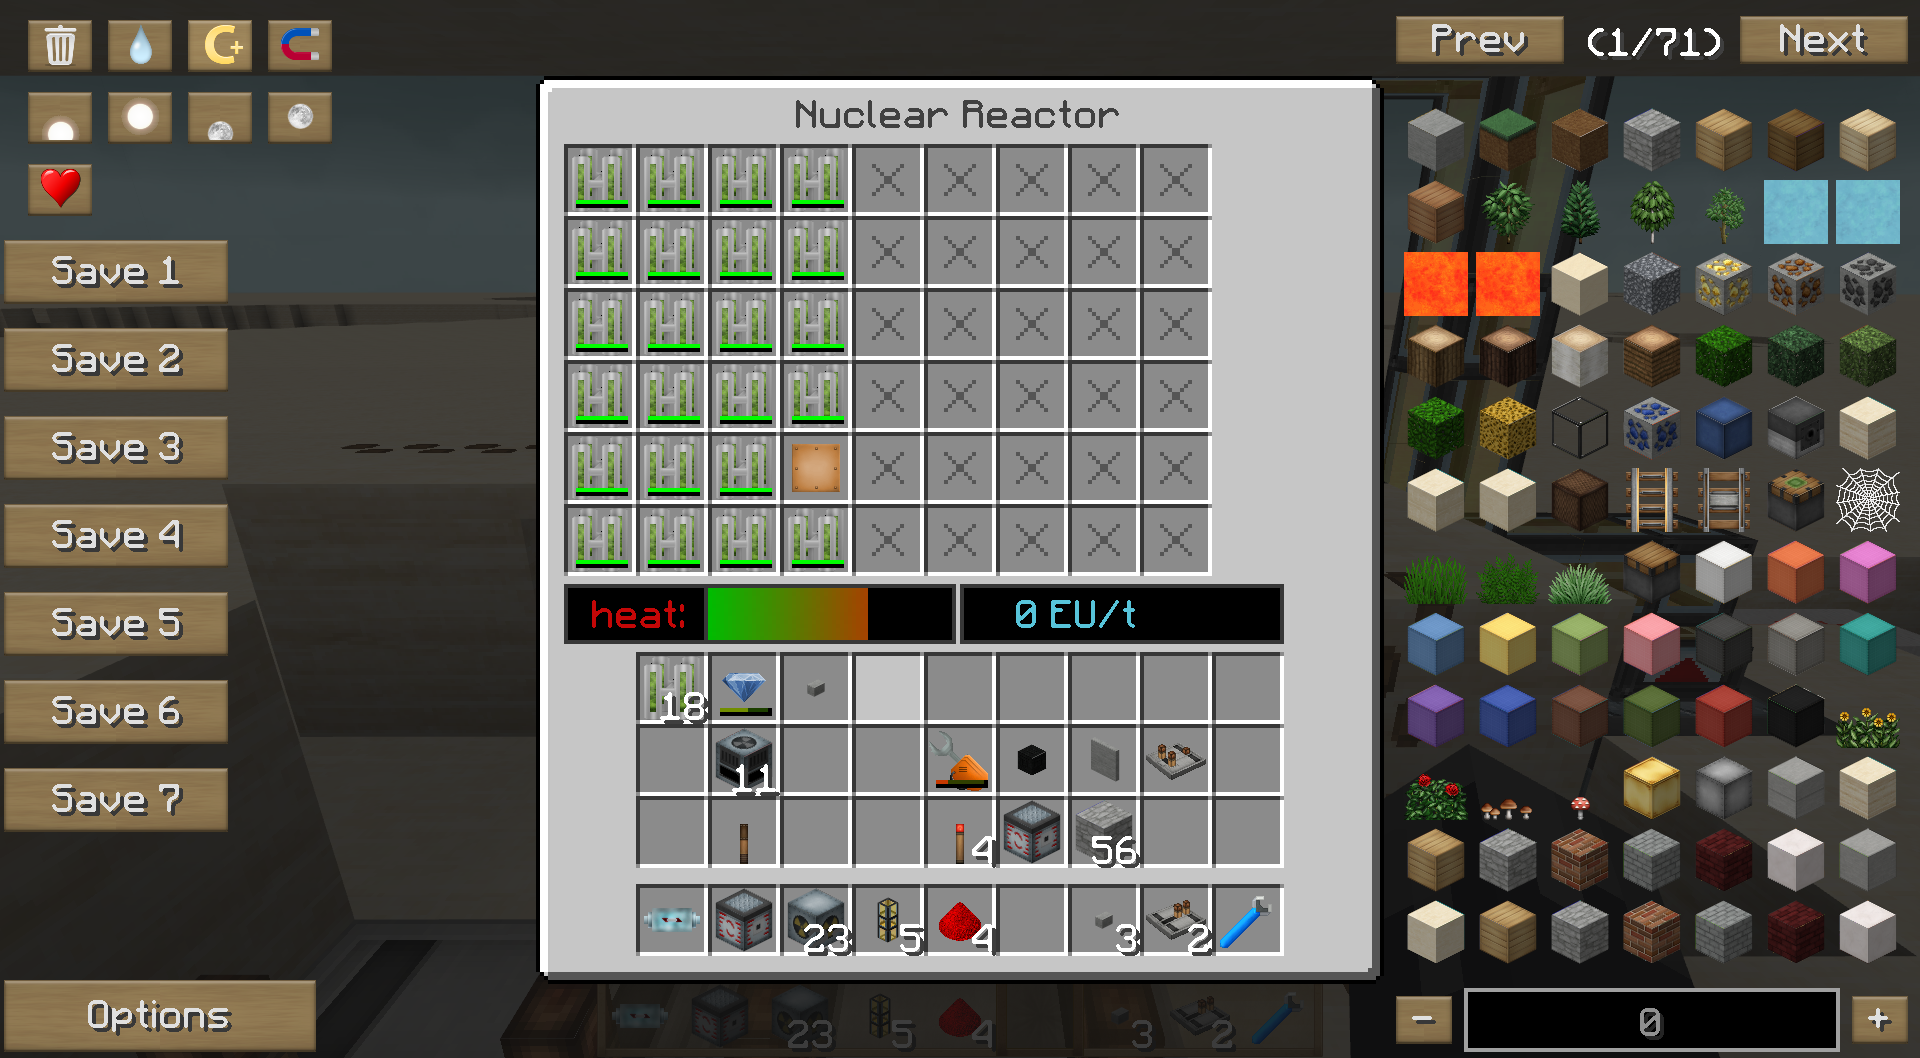 uranium titan mox mark  ea  billion eu  cycle nuclear engineering ic forum